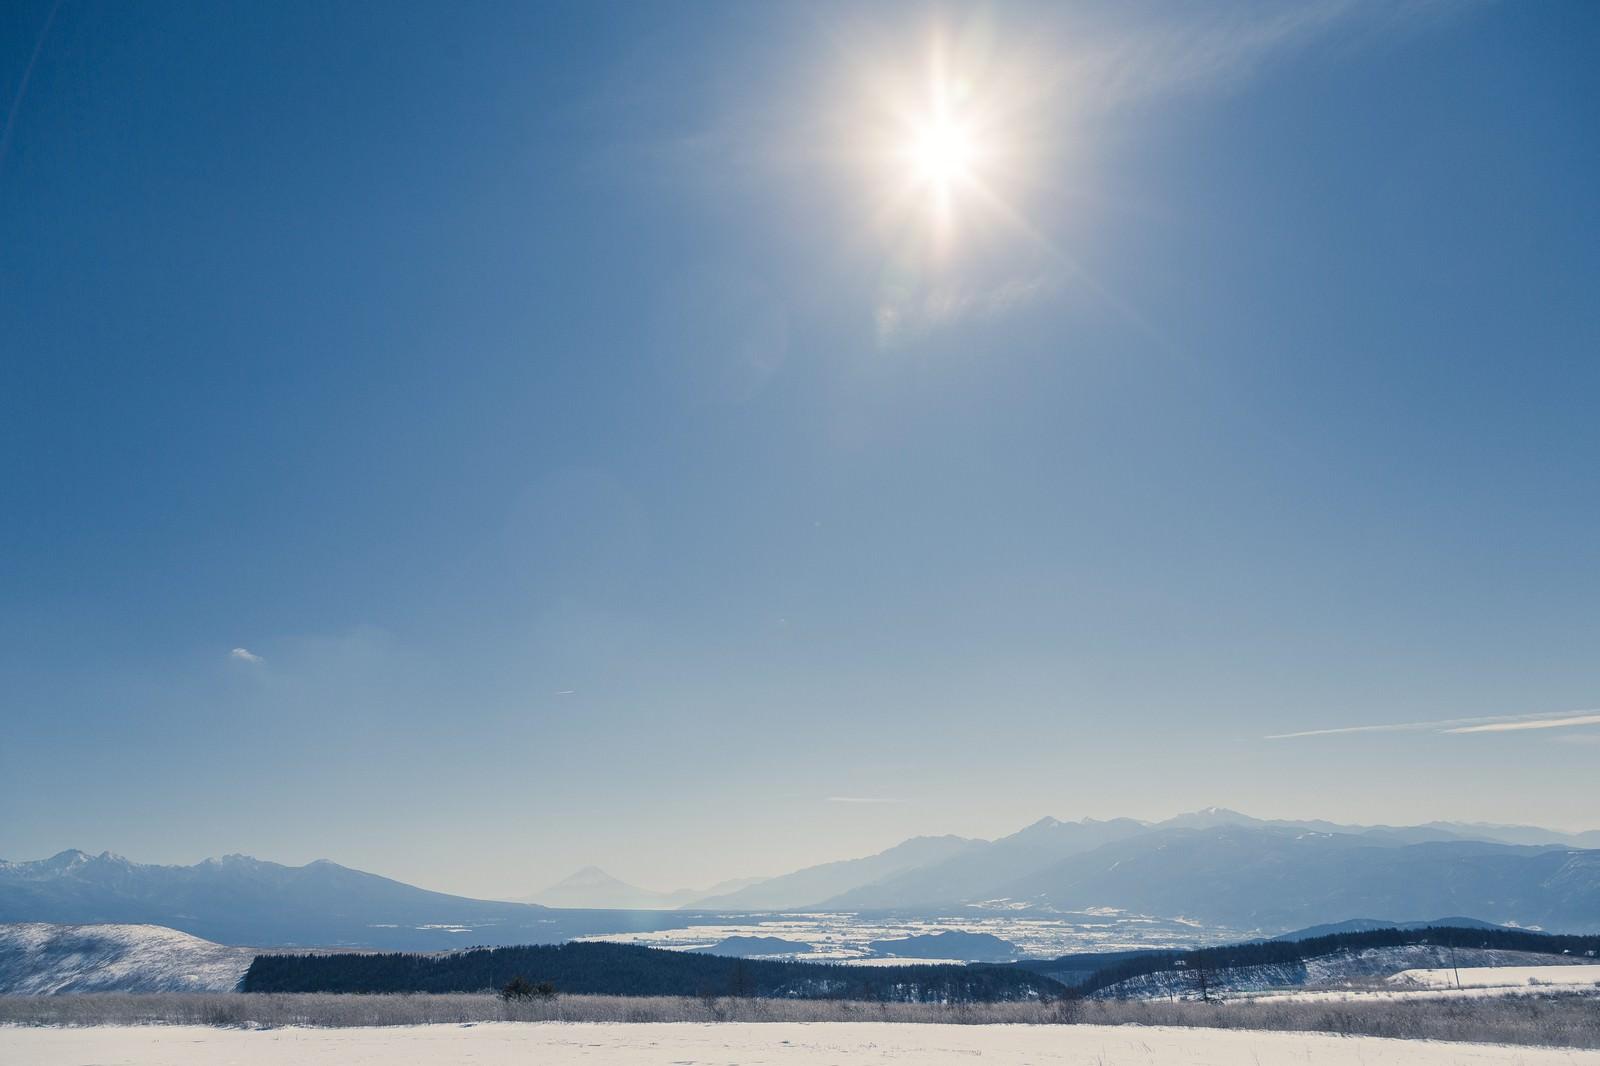 「雪山からの風景 | 写真の無料素材・フリー素材 - ぱくたそ」の写真